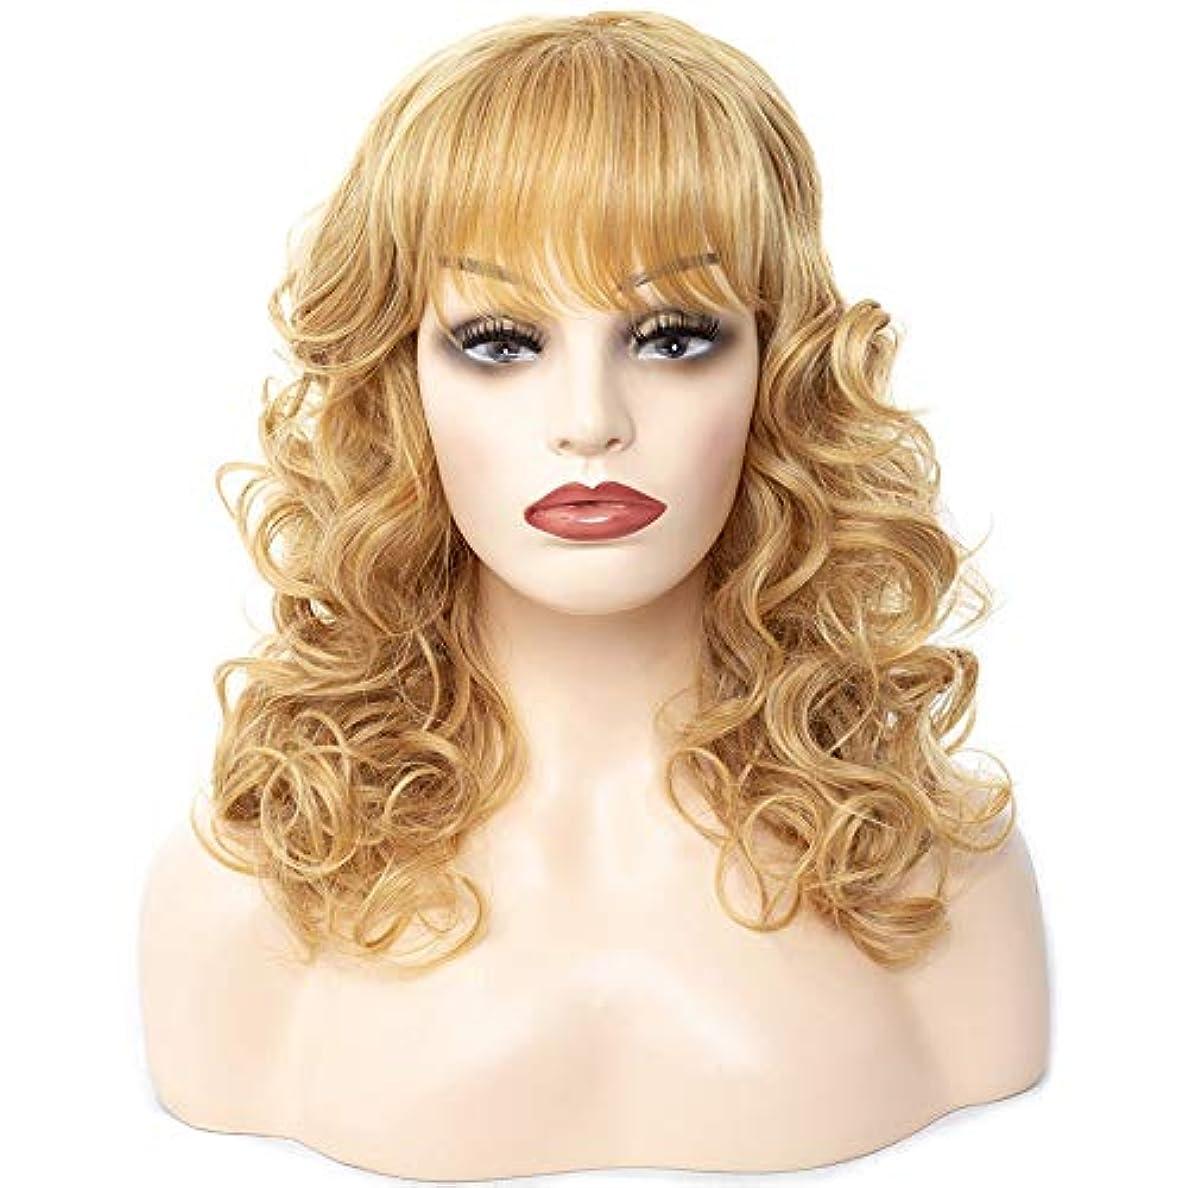 資産男フルーティーWASAIO 髪の毛の合成かつらスタイルの交換女性、コスプレ衣装または毎日の黄色の長い巻き毛のかつらアクセサリー (色 : イエロー, サイズ : 45cm)